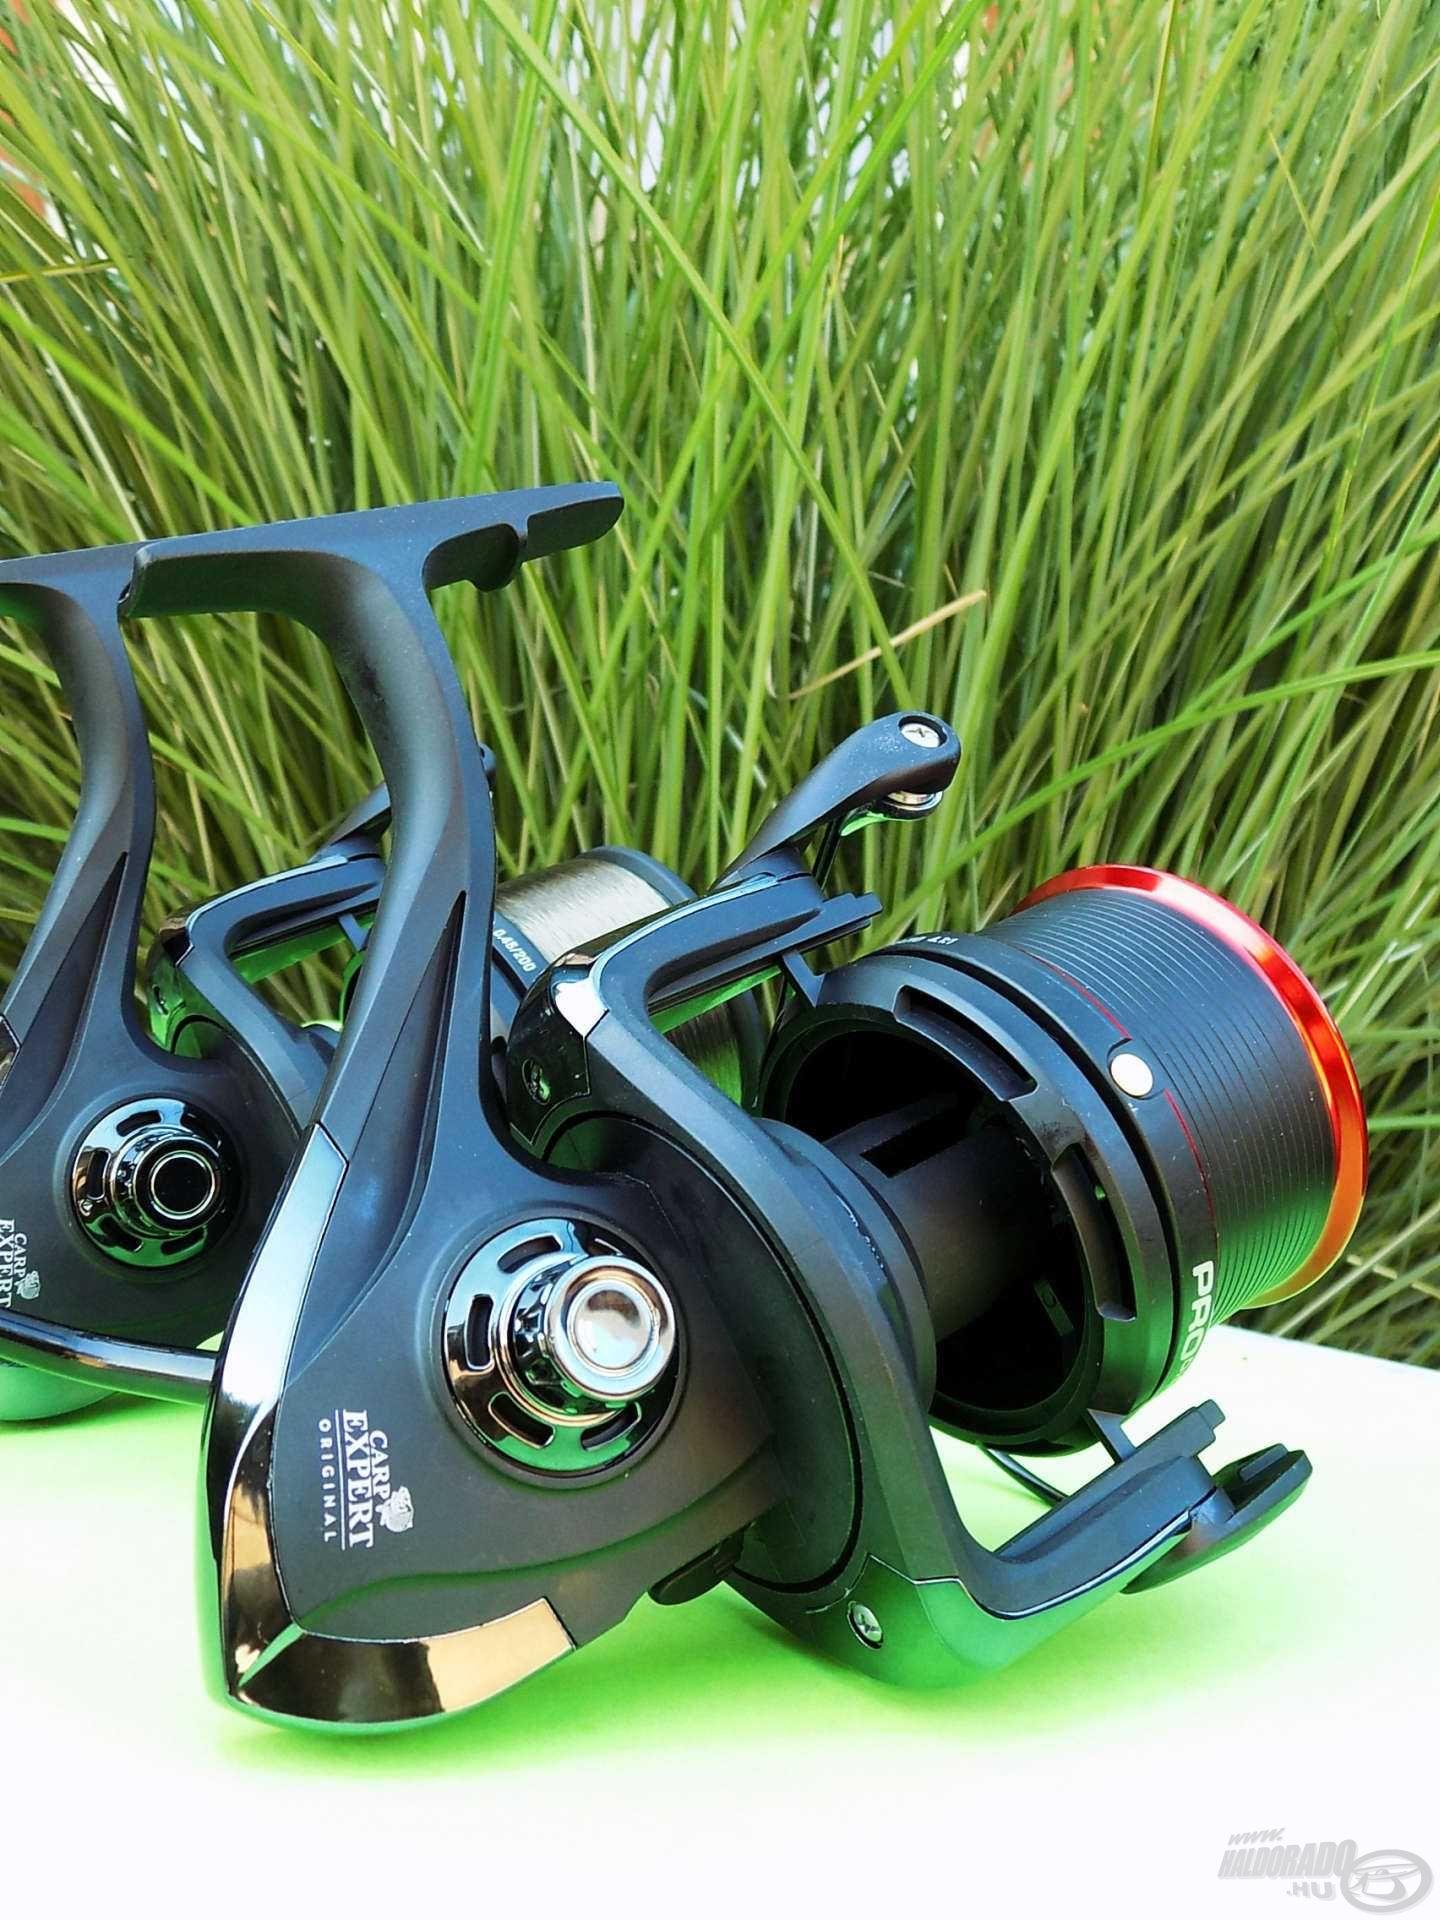 Ikertestvére, a Pro Distance 8000 extra sekély dobja jól passzol a vékony zsinóros, finomszerelékes horgászok igényeihez